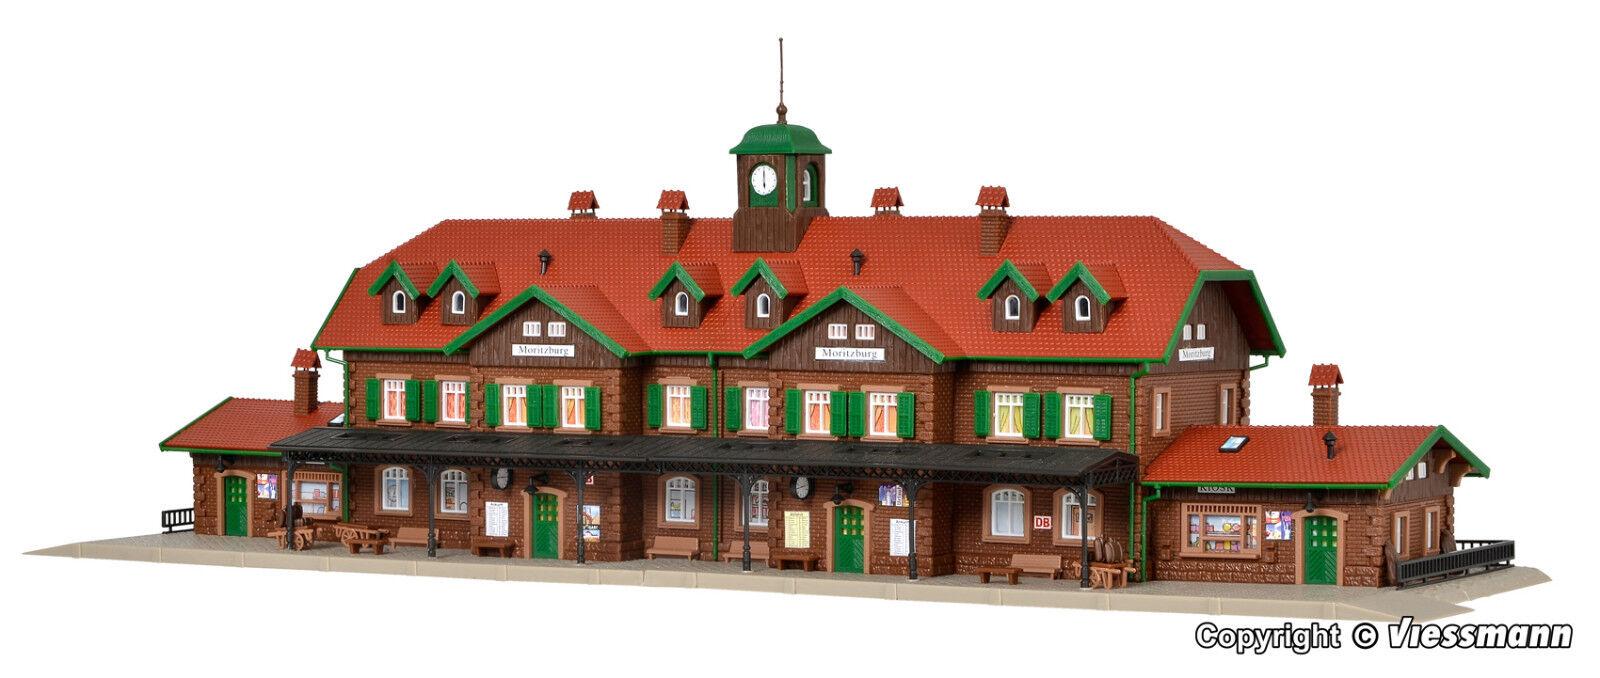 Vollmer pista n 47502 la estación Moritzburg nuevo en el embalaje original